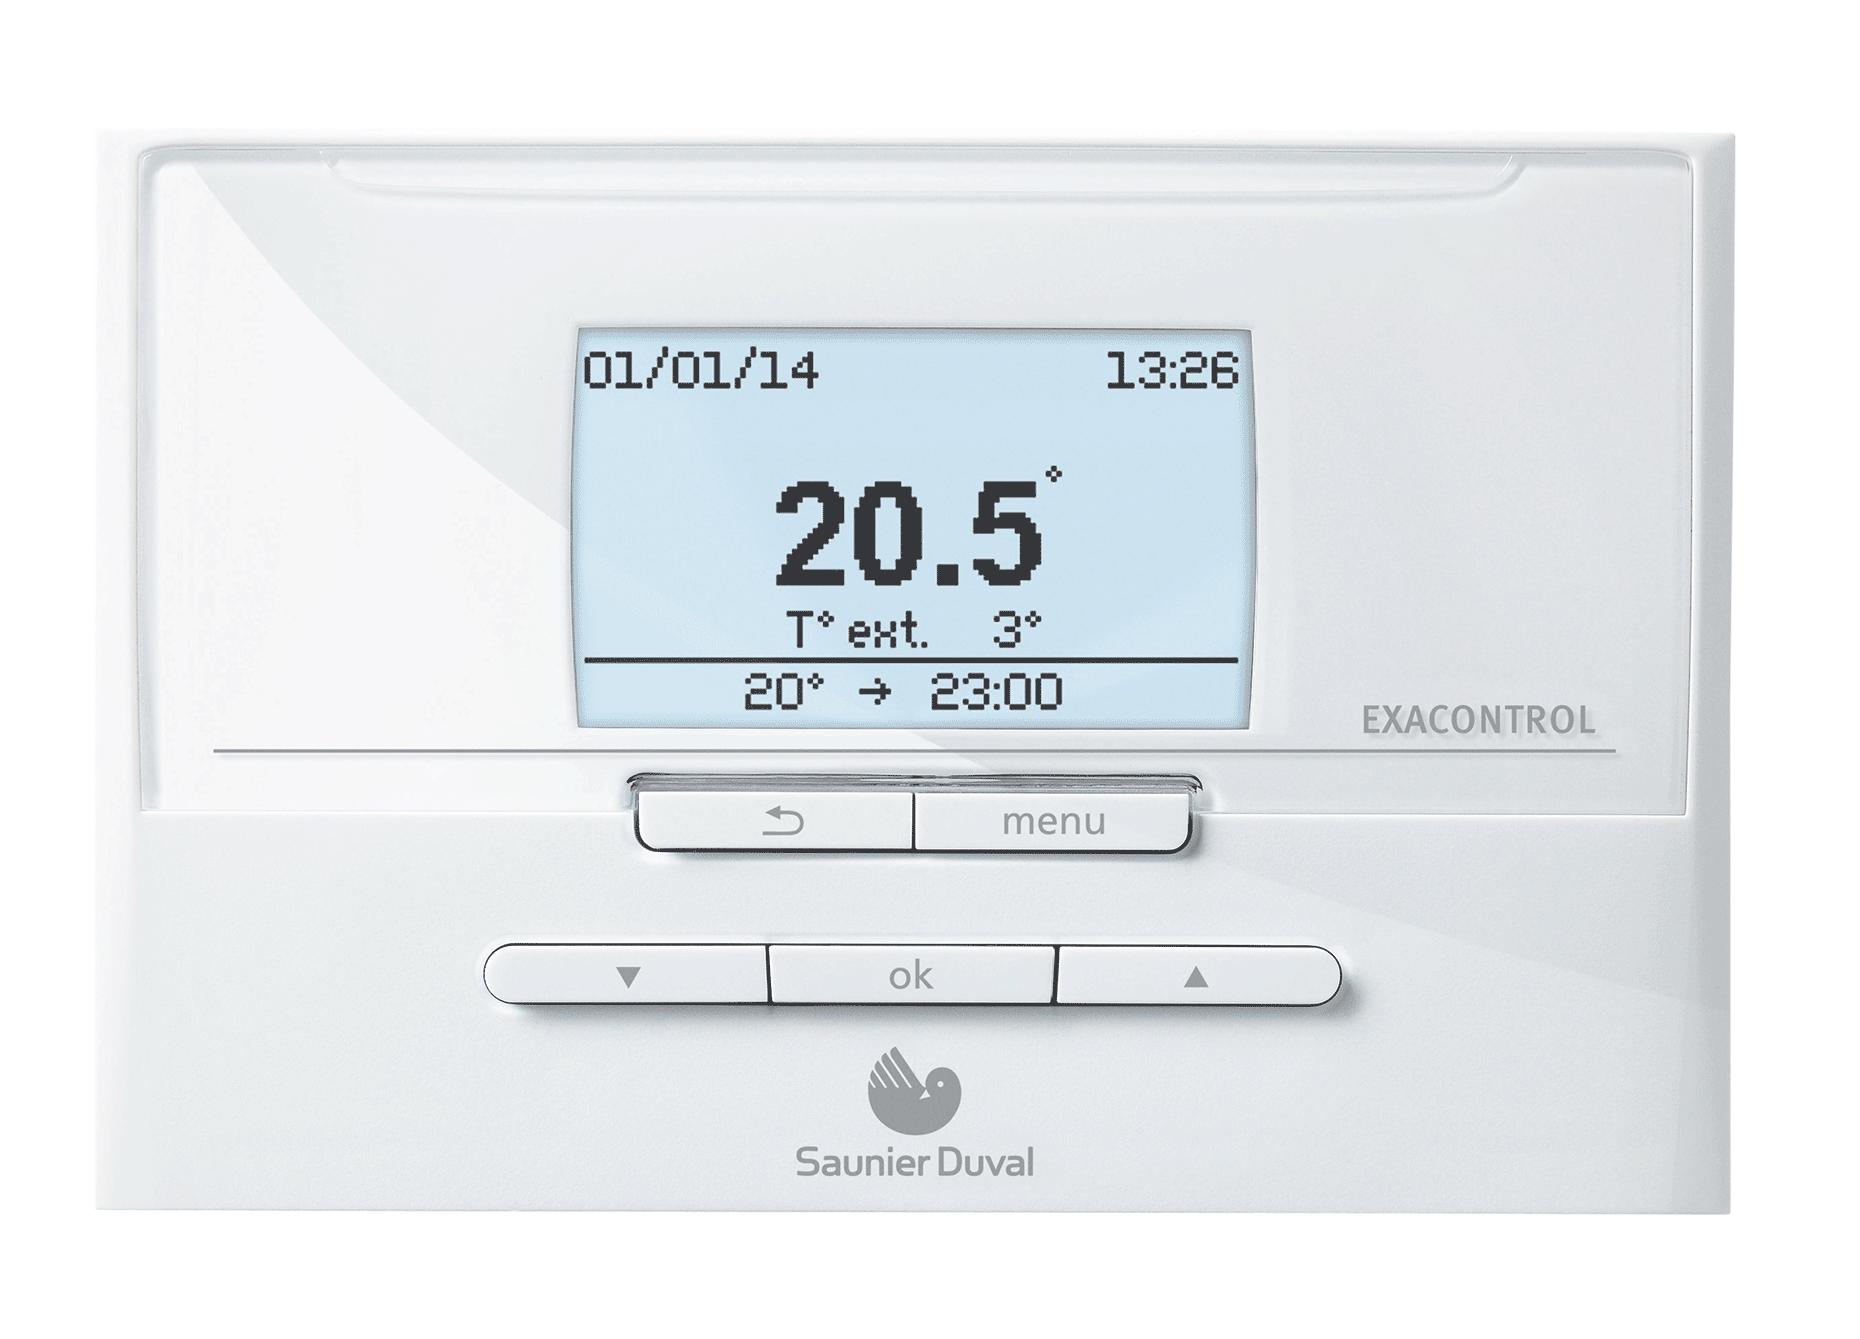 Regulations et thermostats exacontrol e7 c saunier - Thermostat pour chaudiere gaz ...